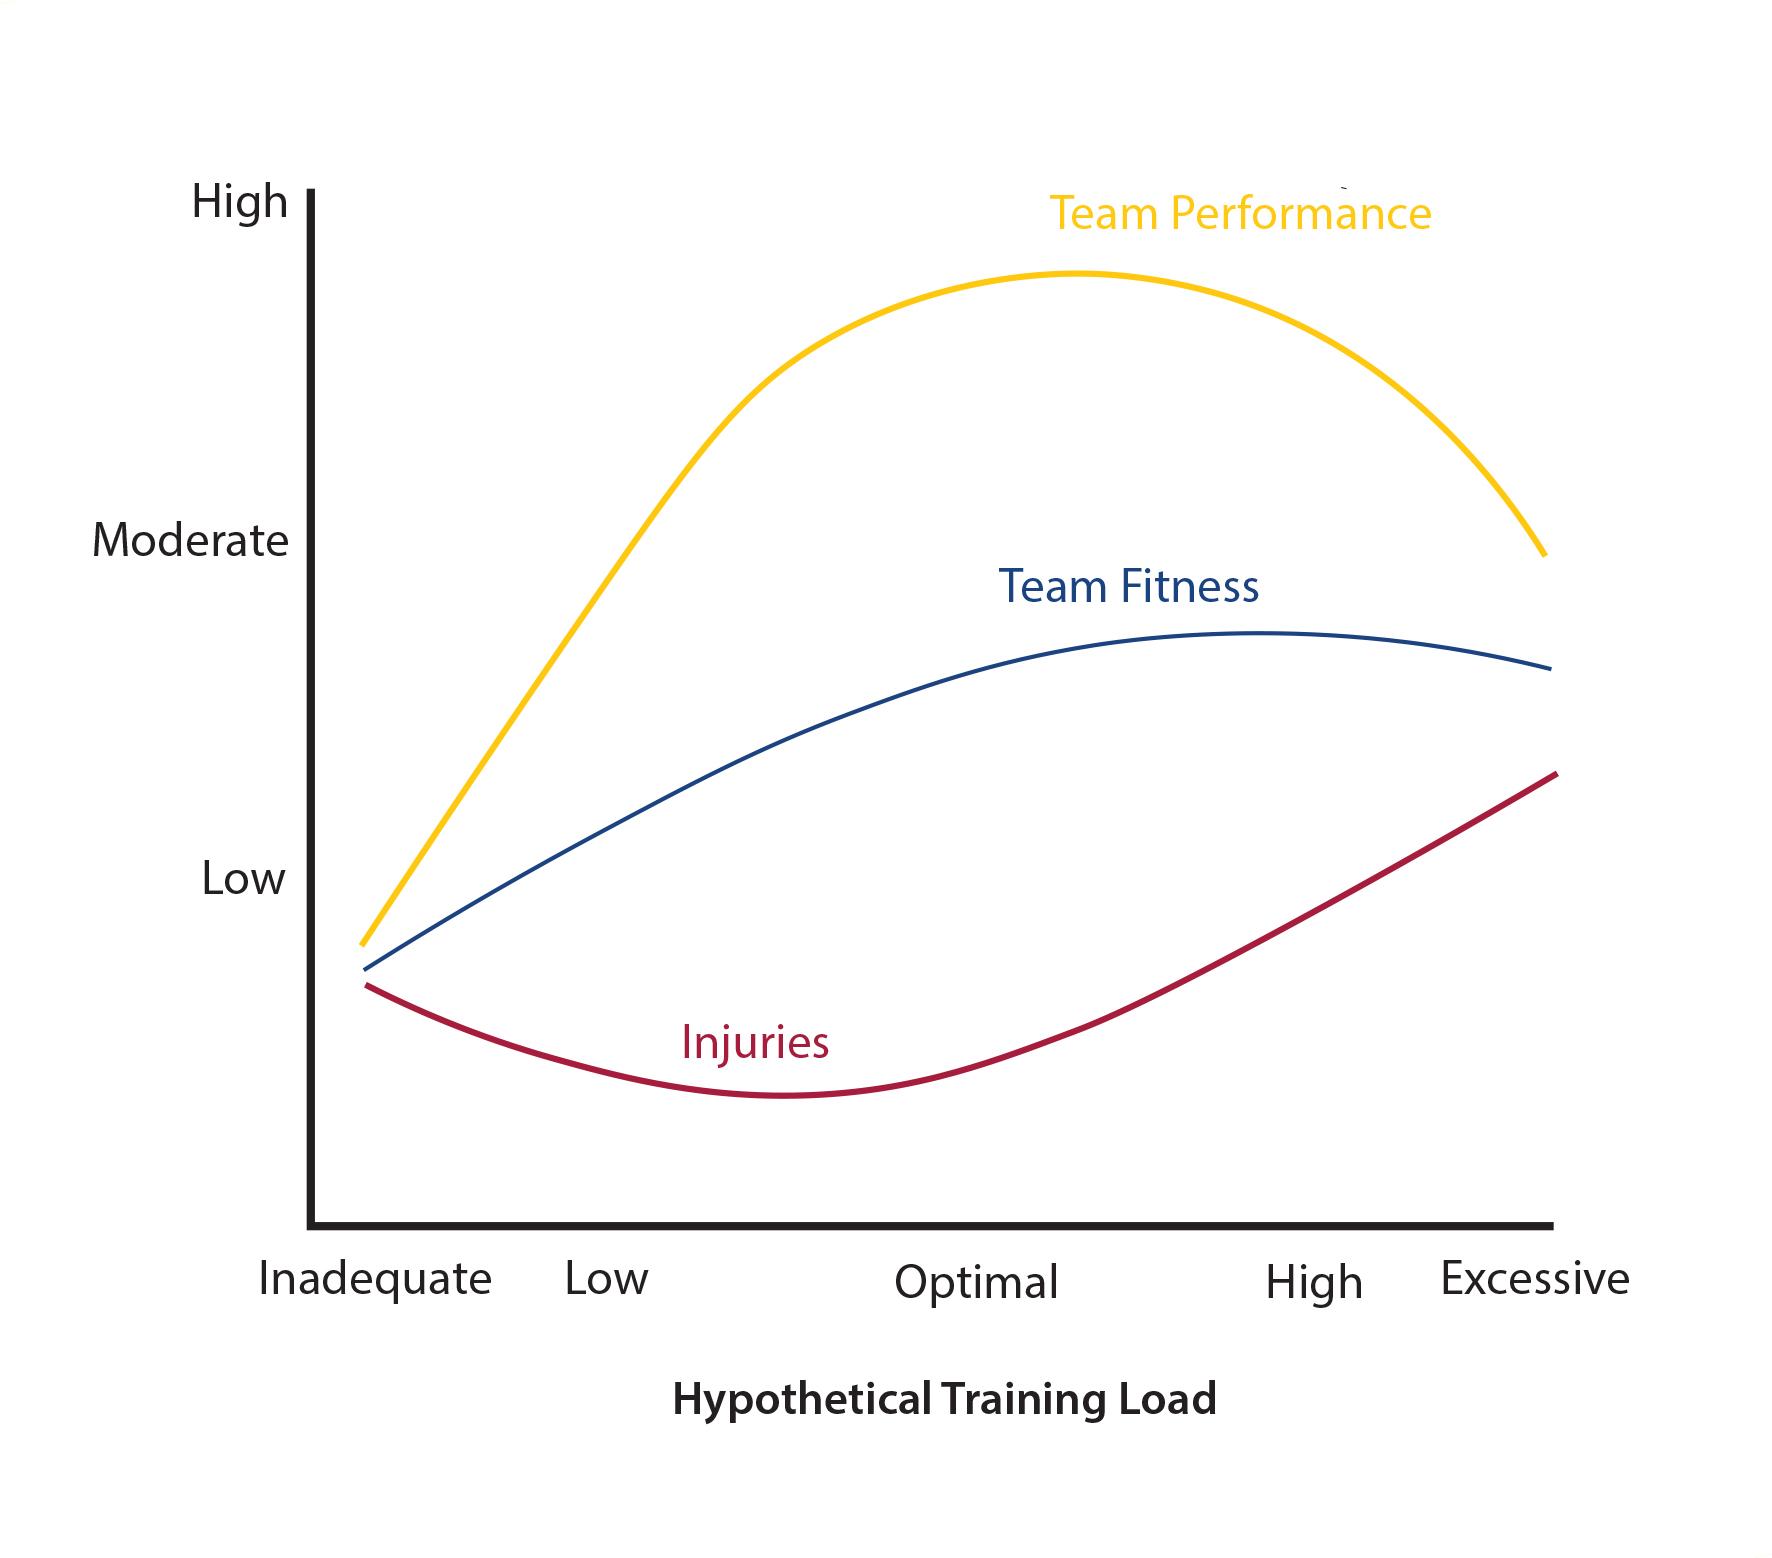 Figura 2. Relació entre la càrrega d'entrenament i el risc de lesió en esports d'equip (Gabbett, 2004).